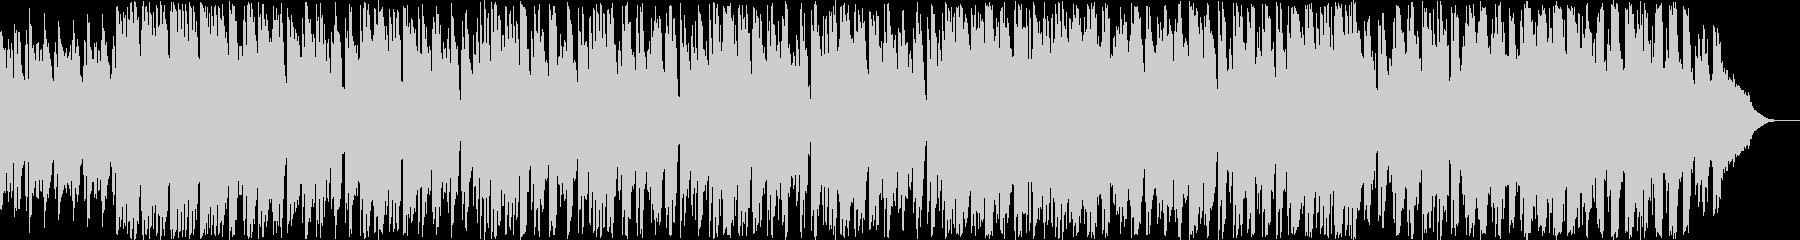 ちょっとおセンチなオリジナルボサノバの未再生の波形